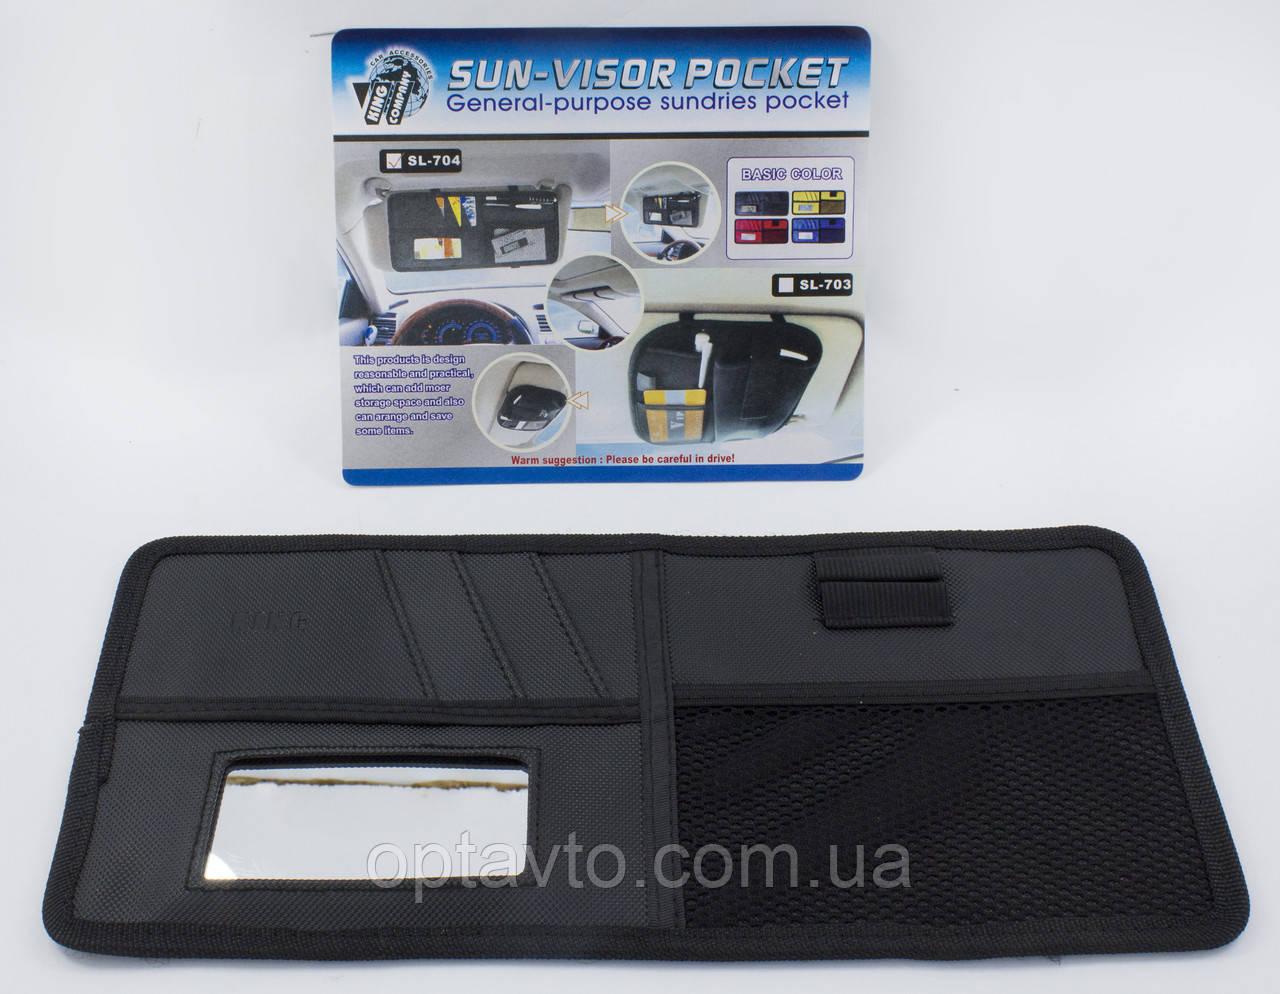 Органайзер на солнцезащитный козырек, карманы под документы + зеркало